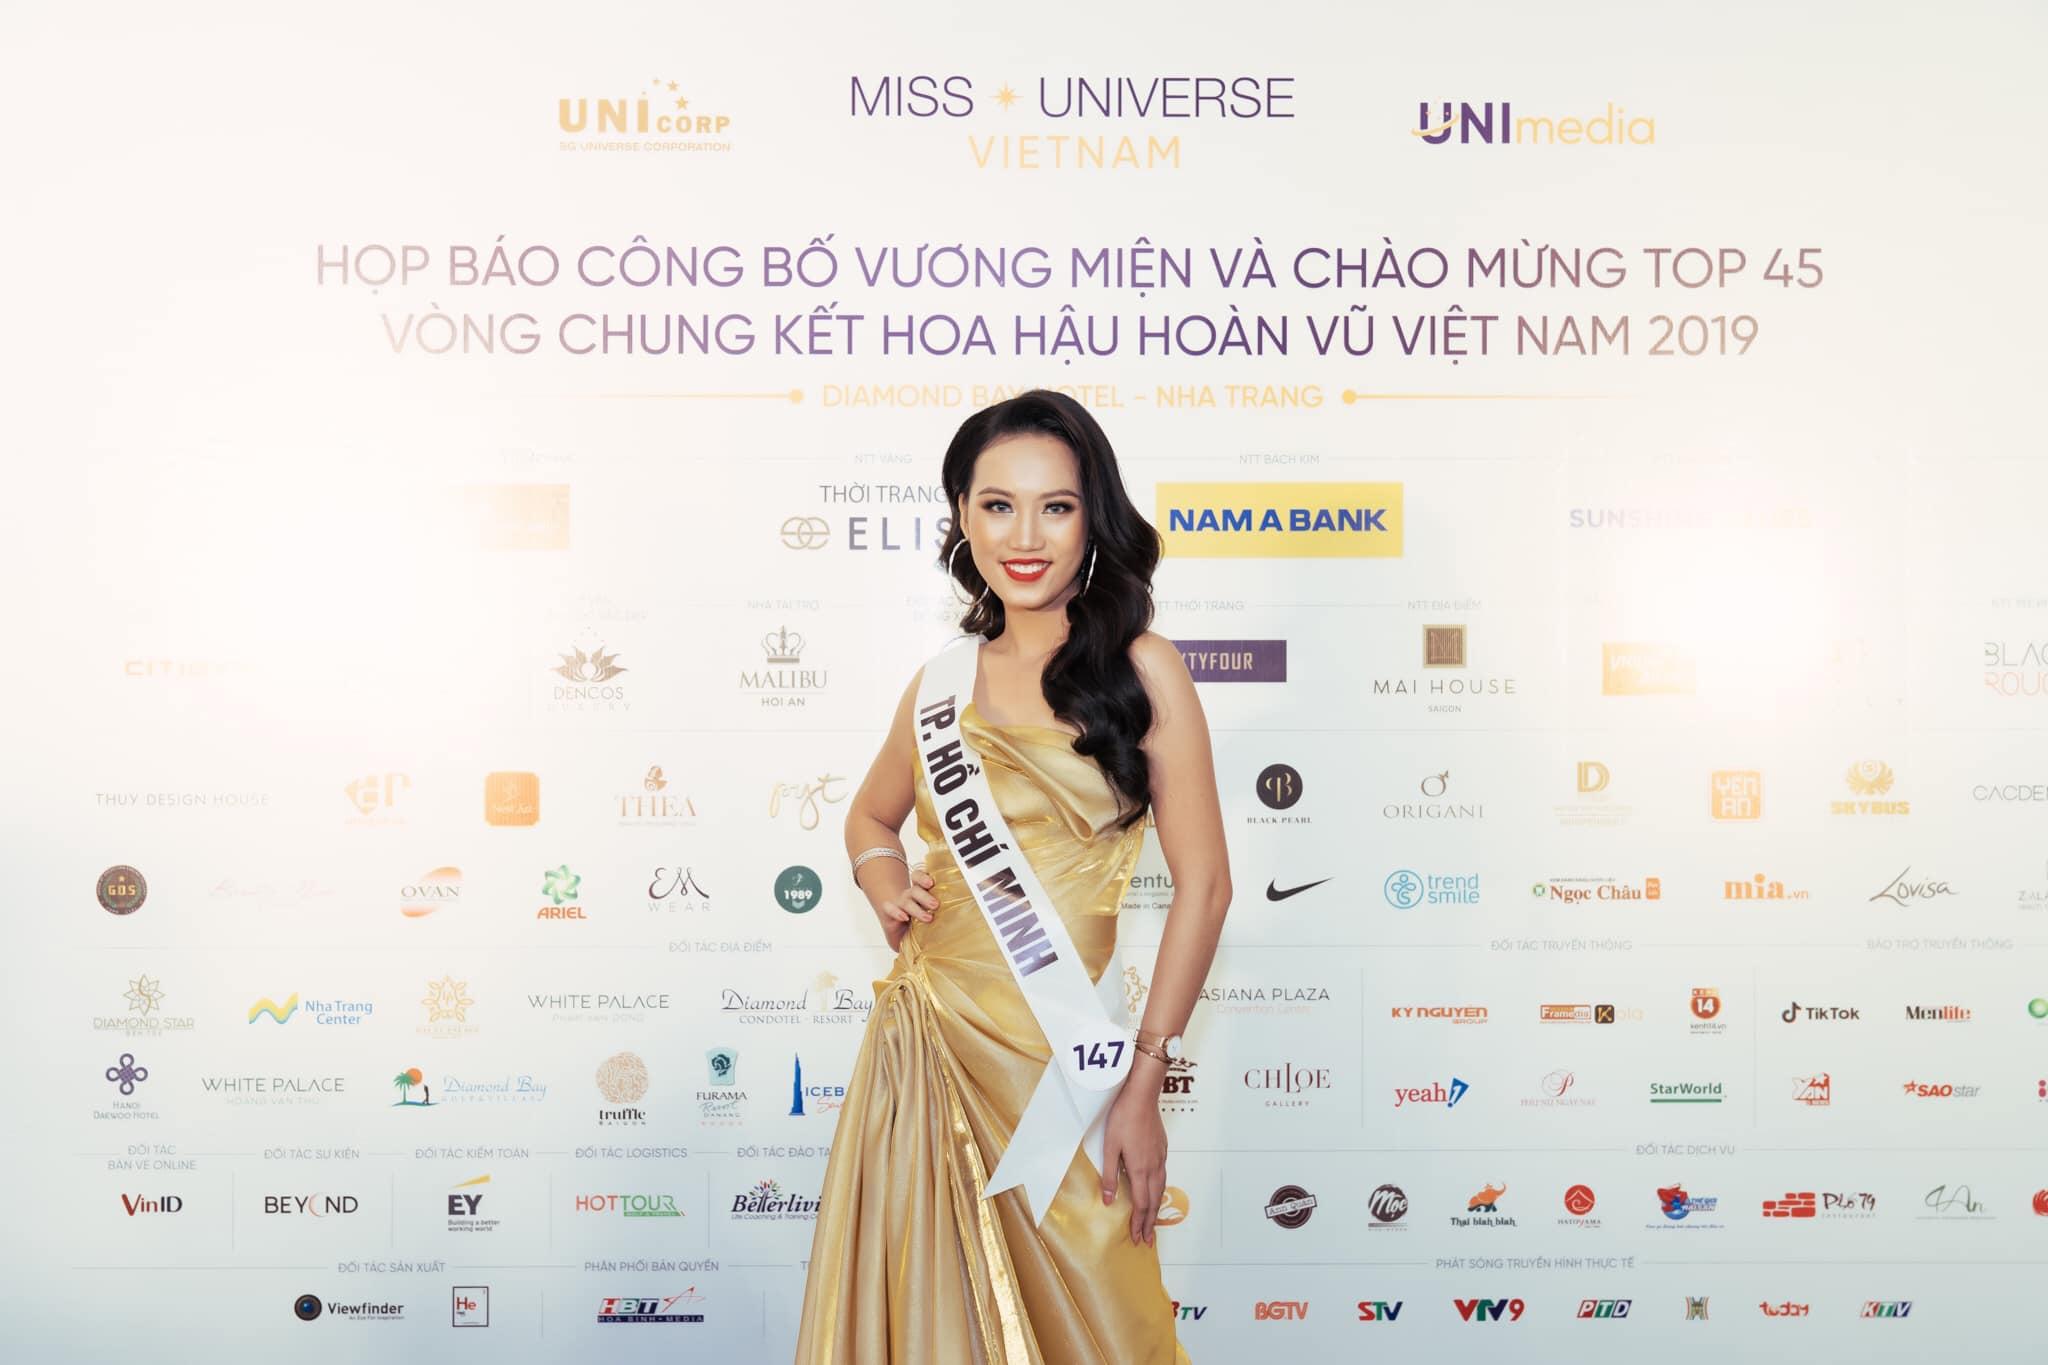 Thí sinh Nguyễn Ngọc Thanh Ngân đến từ TP Hồ Chí Minh